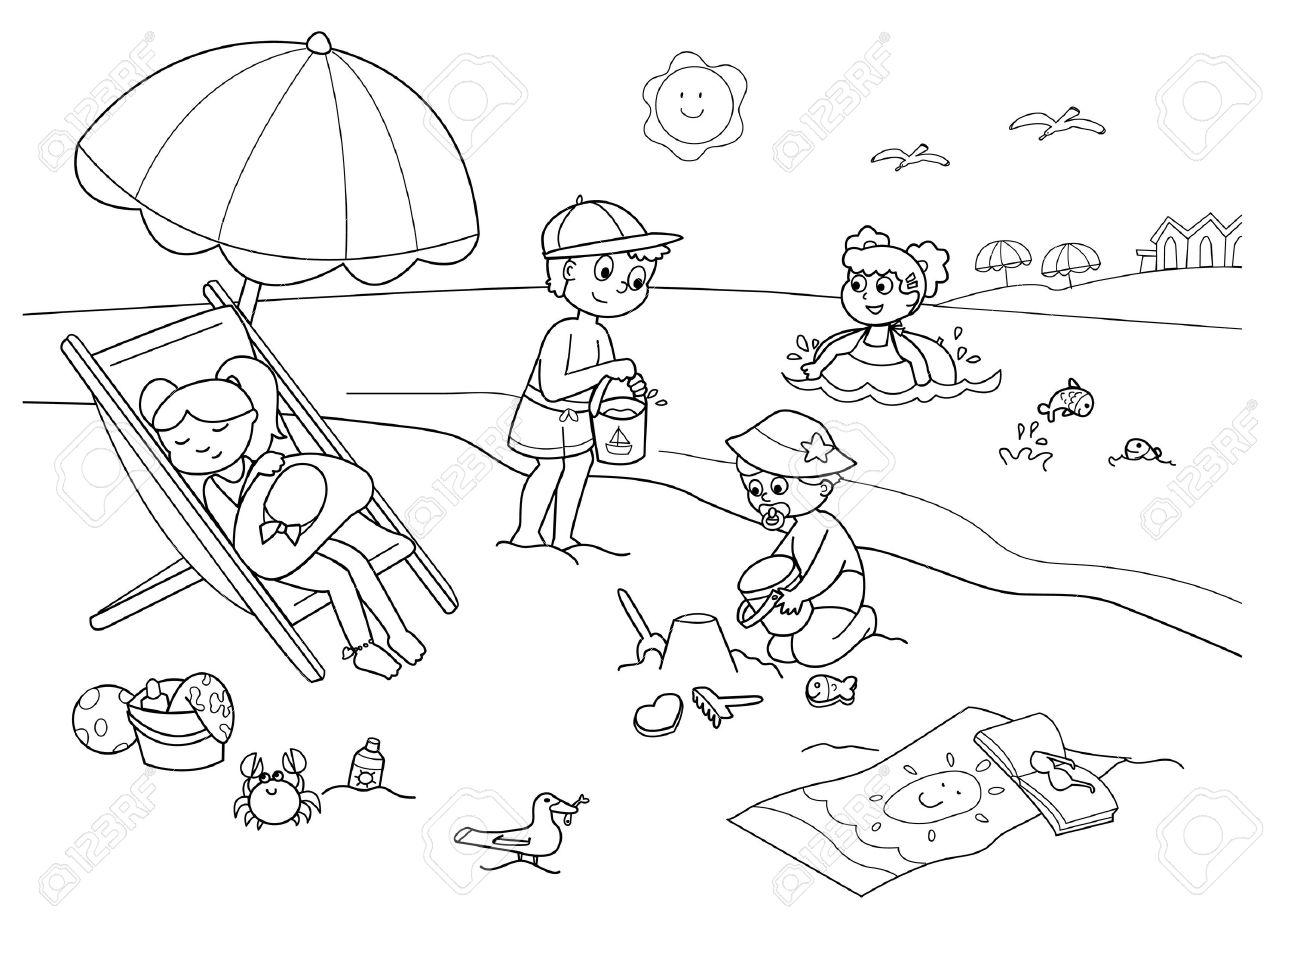 Strand comic schwarz weiß  Kinder Spielen Mit Dem Sand Am Strand. Cartoon Illustration In ...